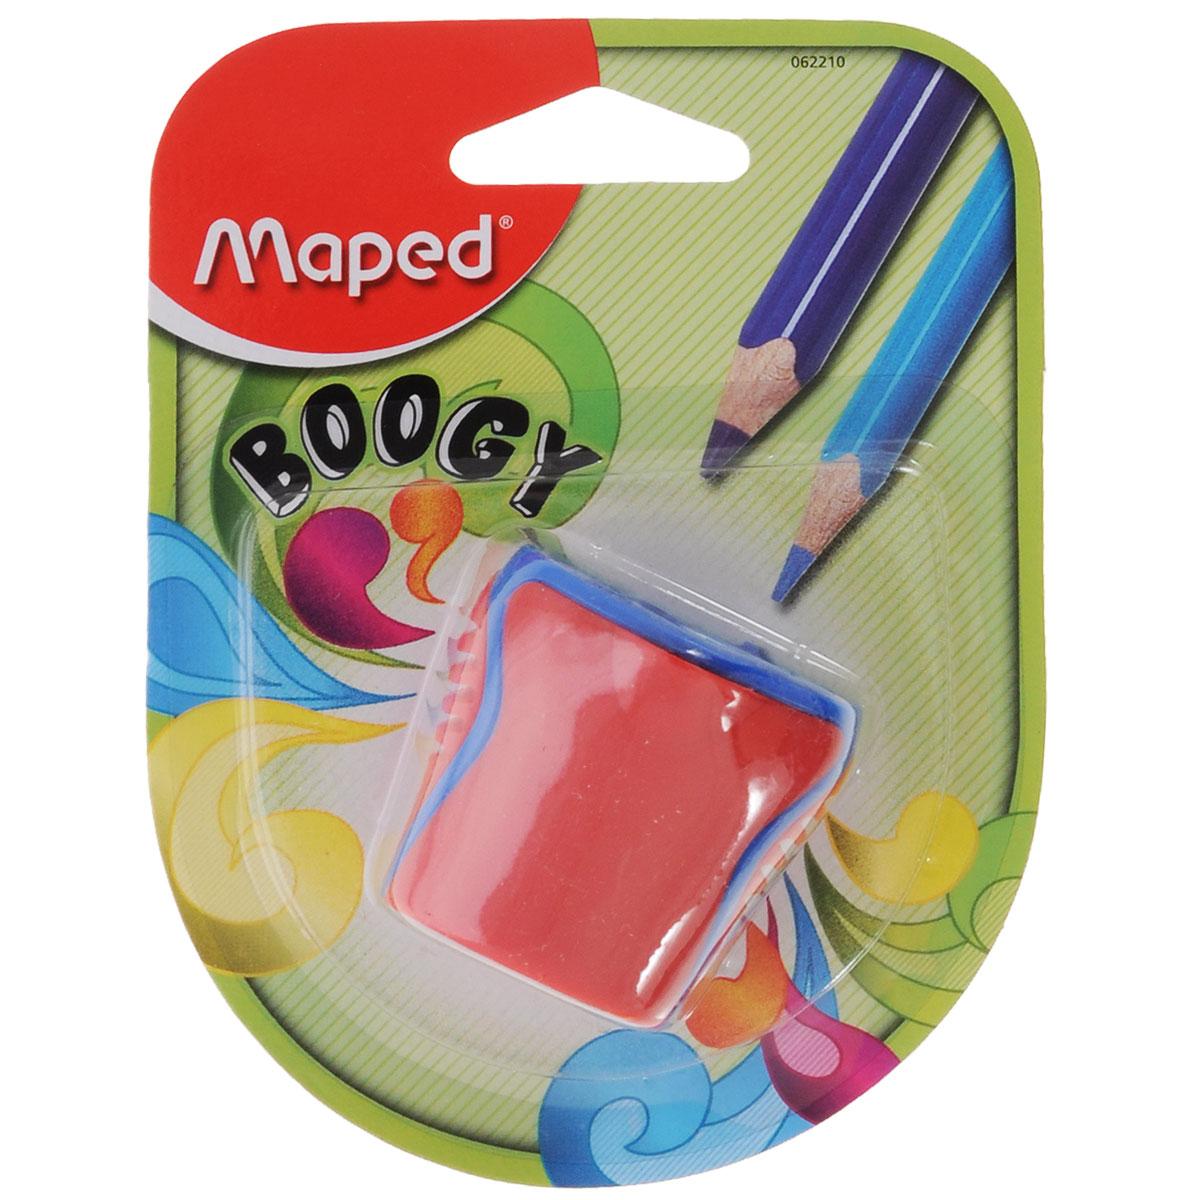 Точилка Maped Boogy, с 2 отверстиями, цвет: красныйFS-36054Точилка  Boogy с двумя отверстиями выполнена из ударопрочного пластика. Полупрозрачный контейнер для сбора стружки повышенной вместимости позволяет визуально контролировать уровень заполнения и вовремя производить очистку.